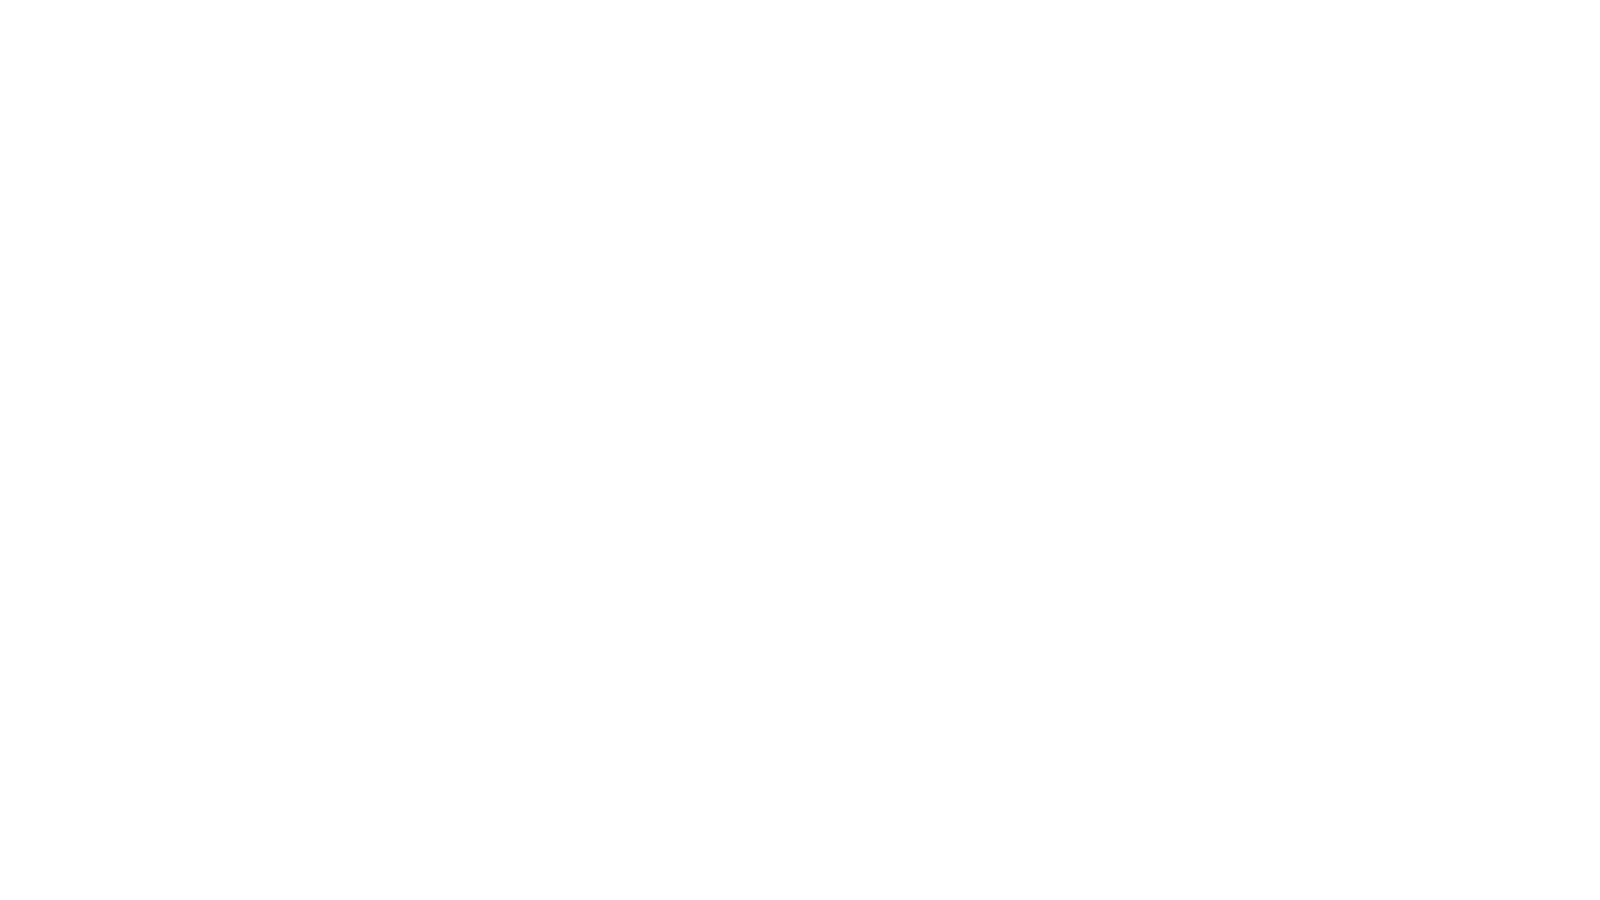 Памятный камень в честь 620-летия Кондурчинской битвы   координаты 53.605536, 50.411921 https://yandex.ru/maps/-/CCUqeND50D   #Битванакондурче #Самарскаяобласть #Красныйяр #Кондурча